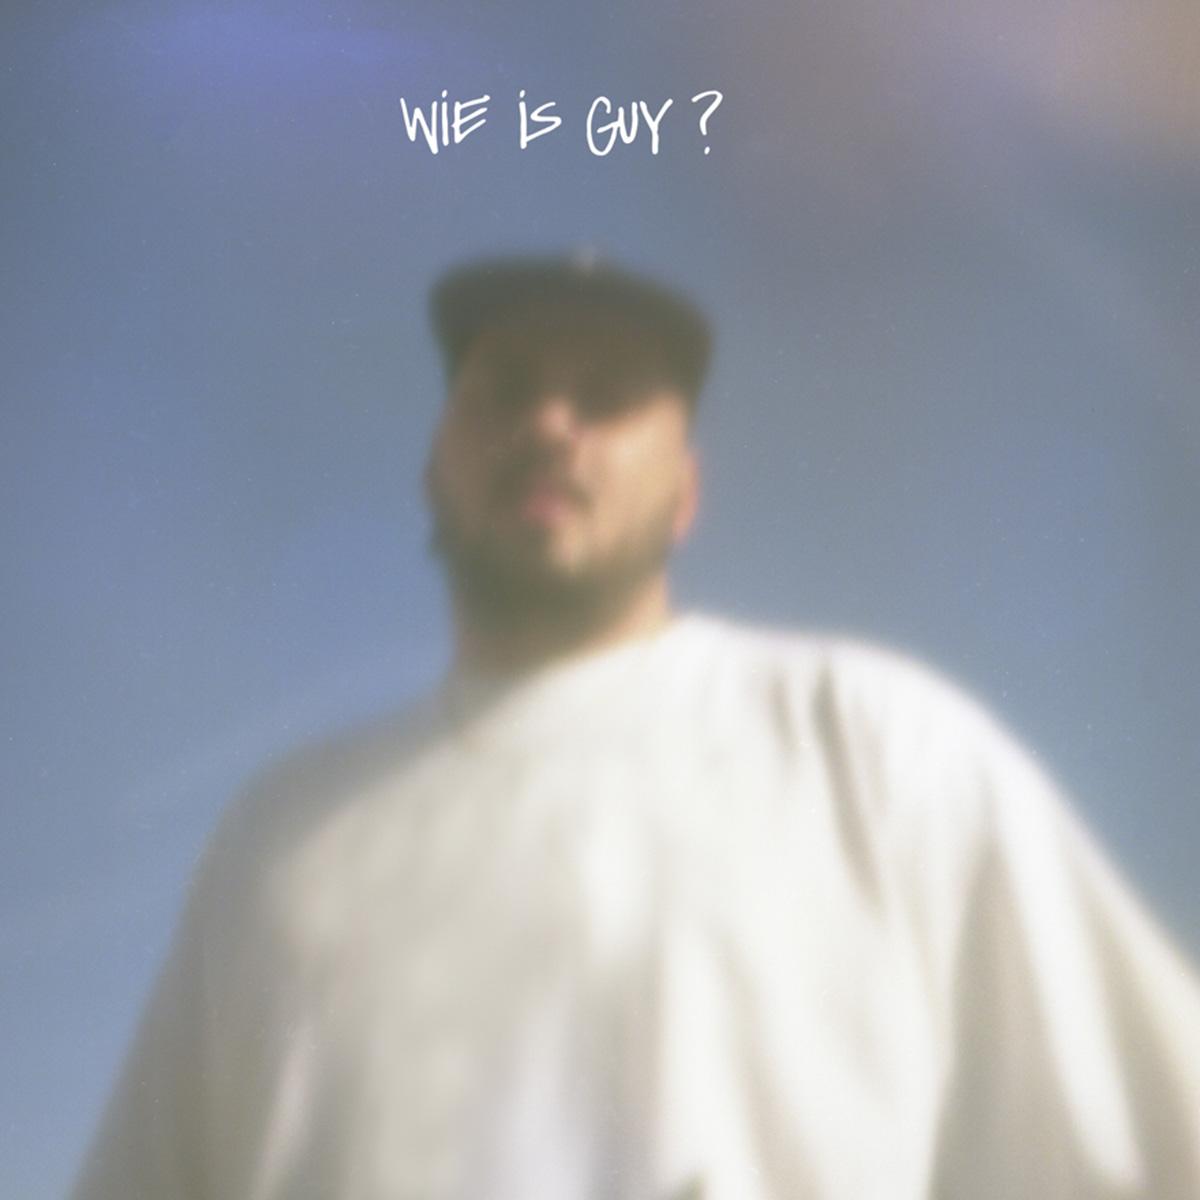 Zwangere-Guy---Wie-Is-Guy---Zwangere-Guy-Industrie